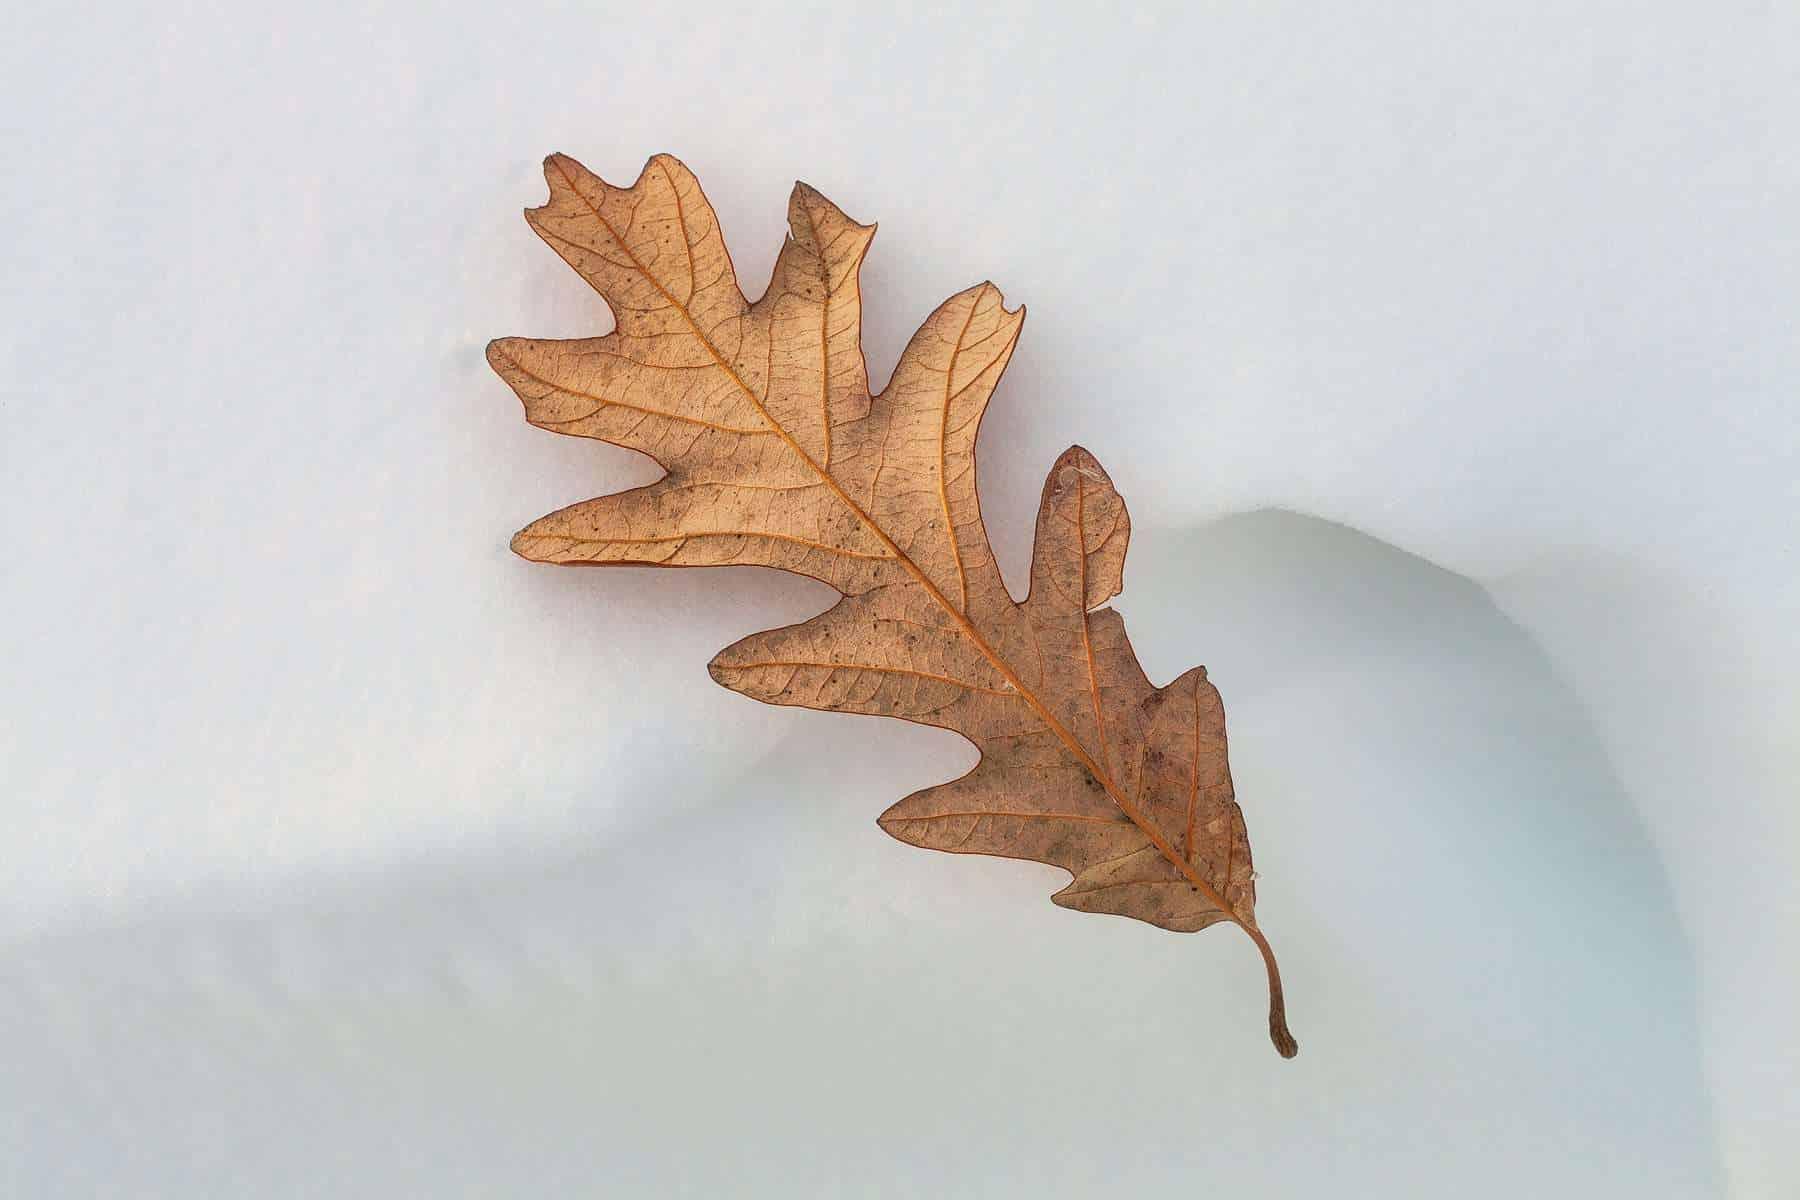 Natures seasonal details